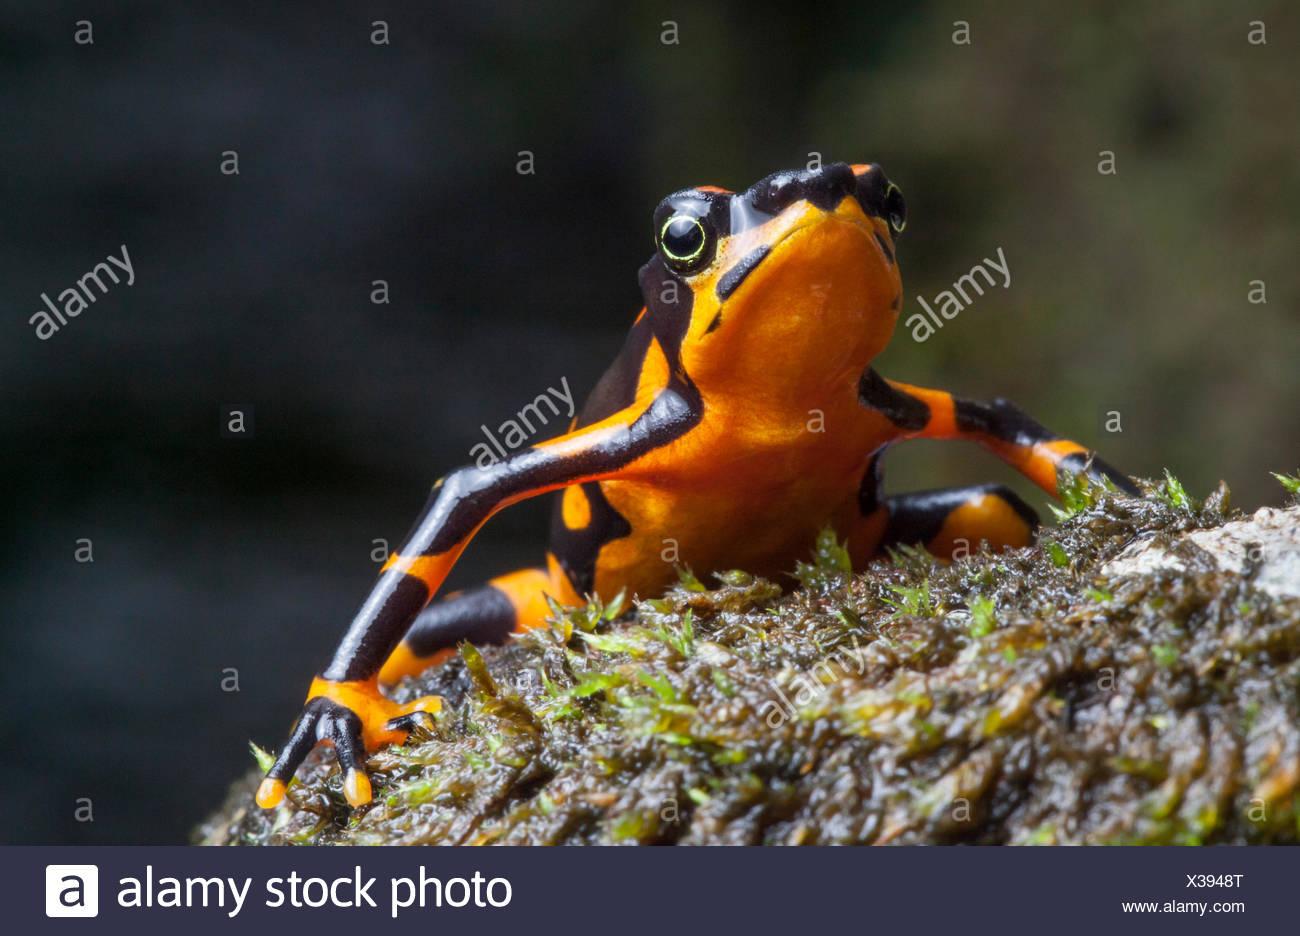 Ritratto di una variabile harlequin rana, Atelopus varius, criticamente una specie in via di estinzione. Immagini Stock